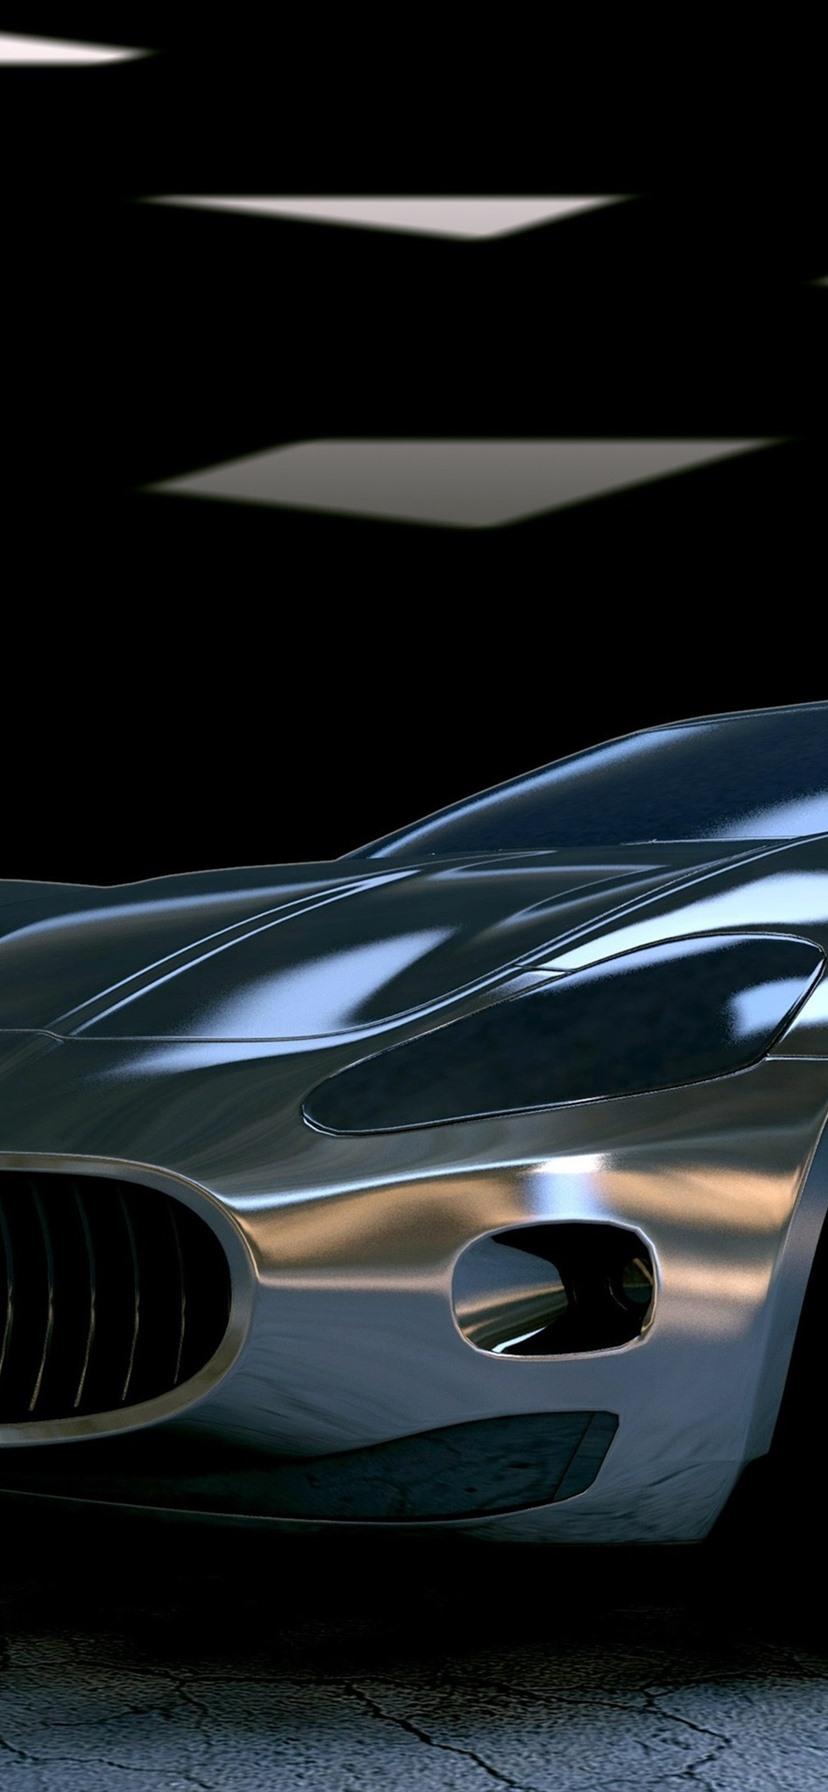 マセラティgtスーパーカー正面図 1080x1920 Iphone 8 7 6 6s Plus 壁紙